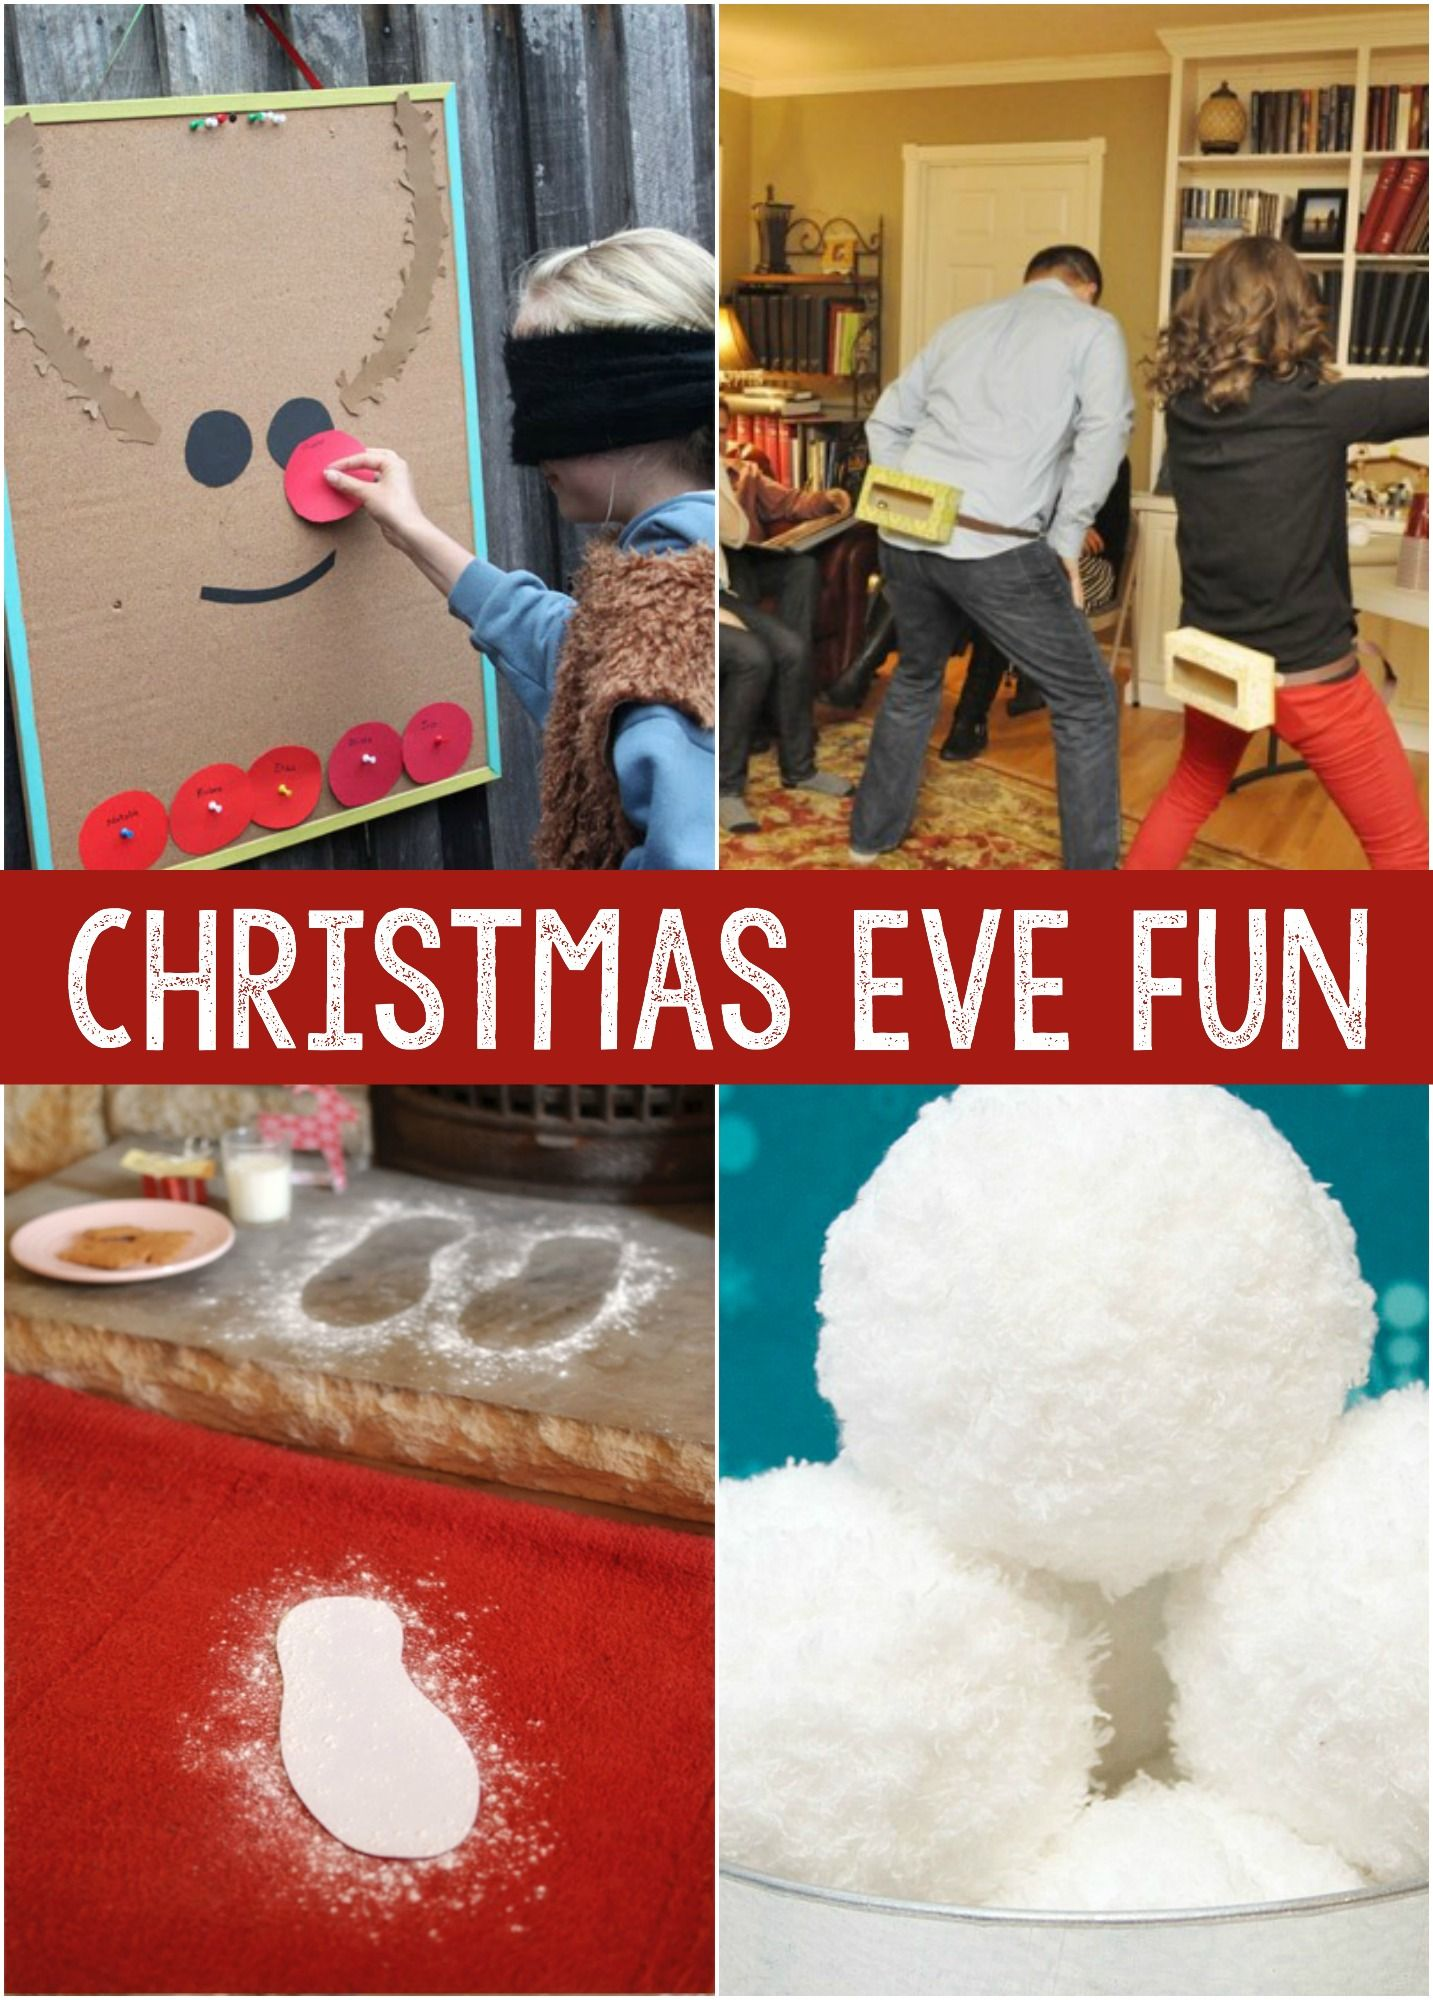 Christmas Eve Traditions Christmas eve traditions, Its